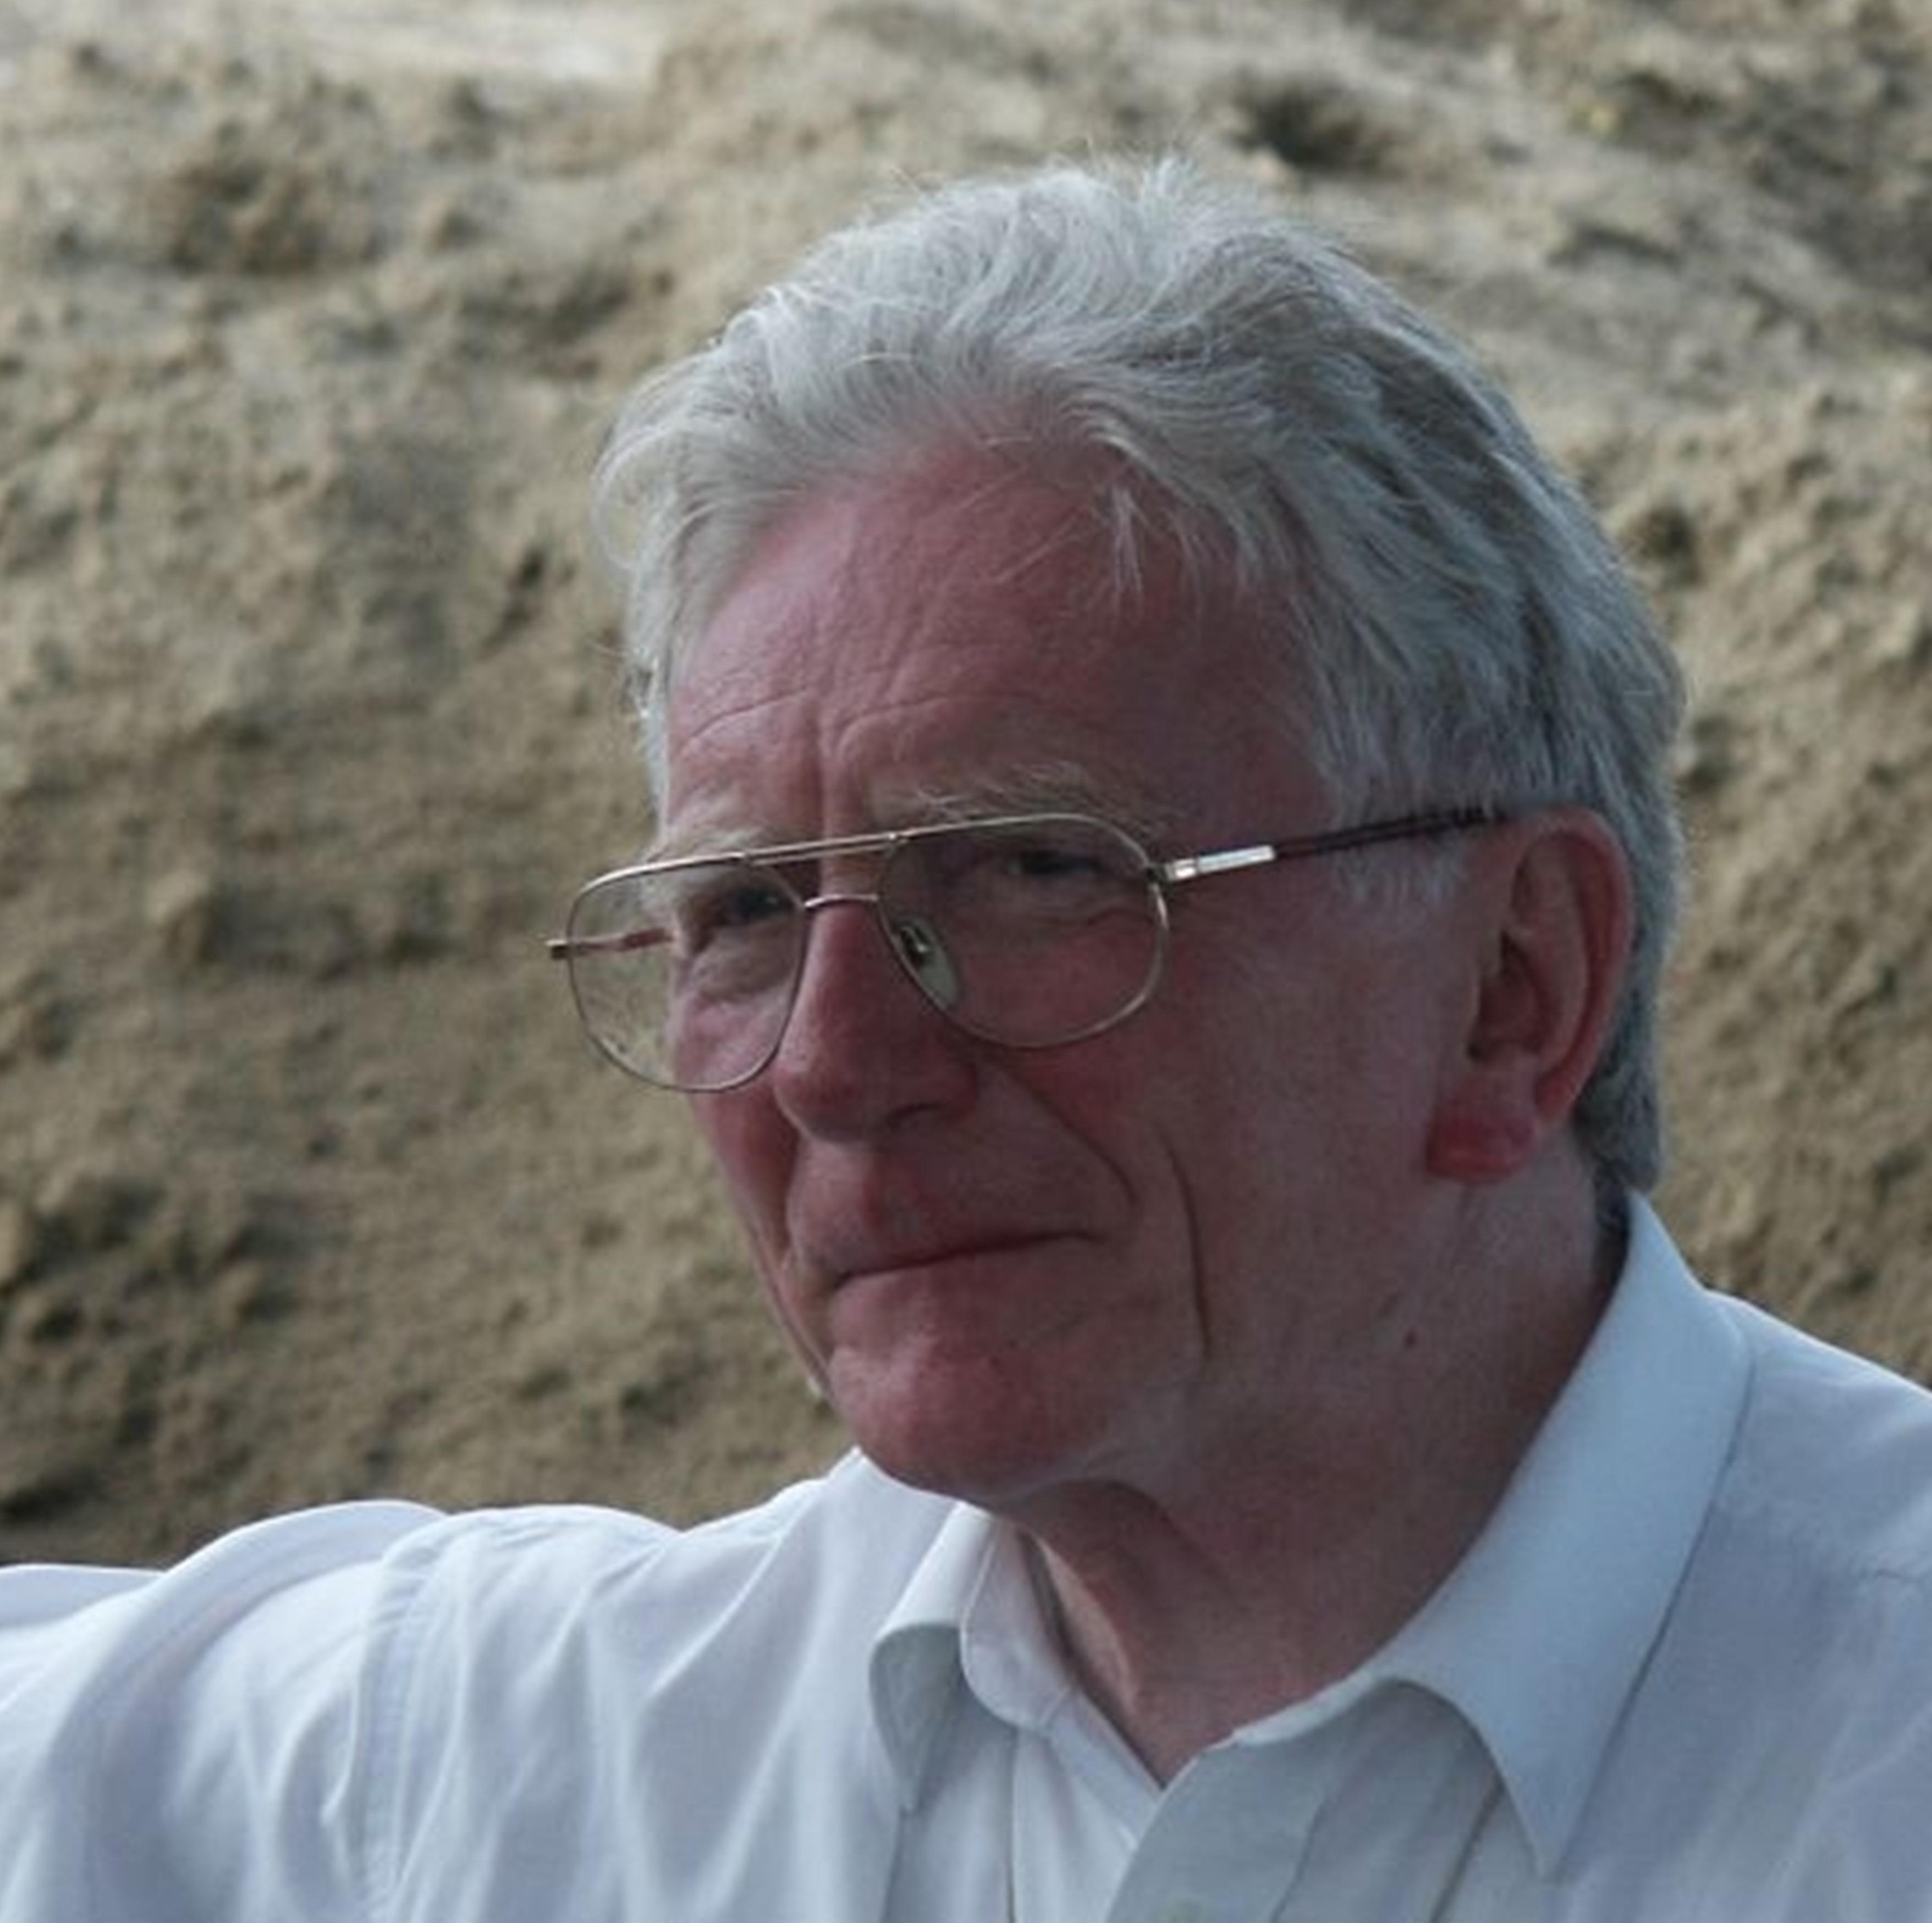 David De Geest